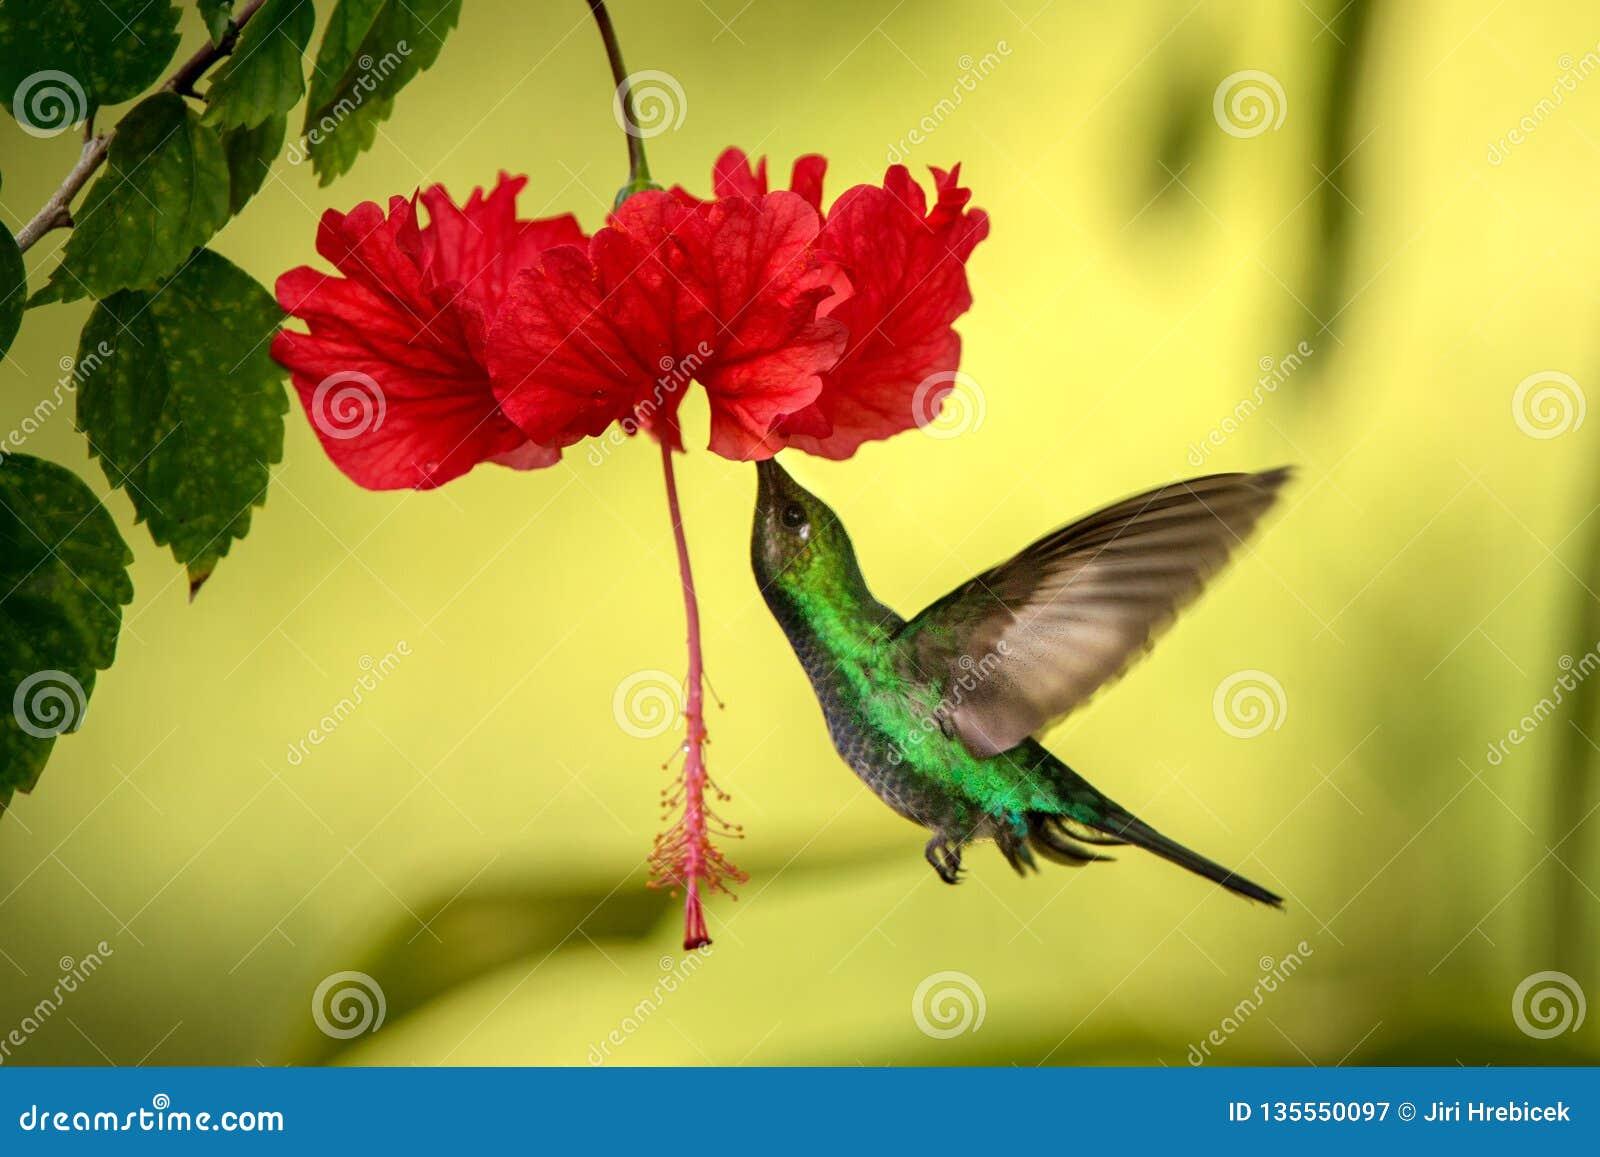 Weiß-angebundenes sabrewing nahe bei roter ibiscus Blume, Vogel im Flug schweben, caribean tropischer Wald, Trinidad und Tobago